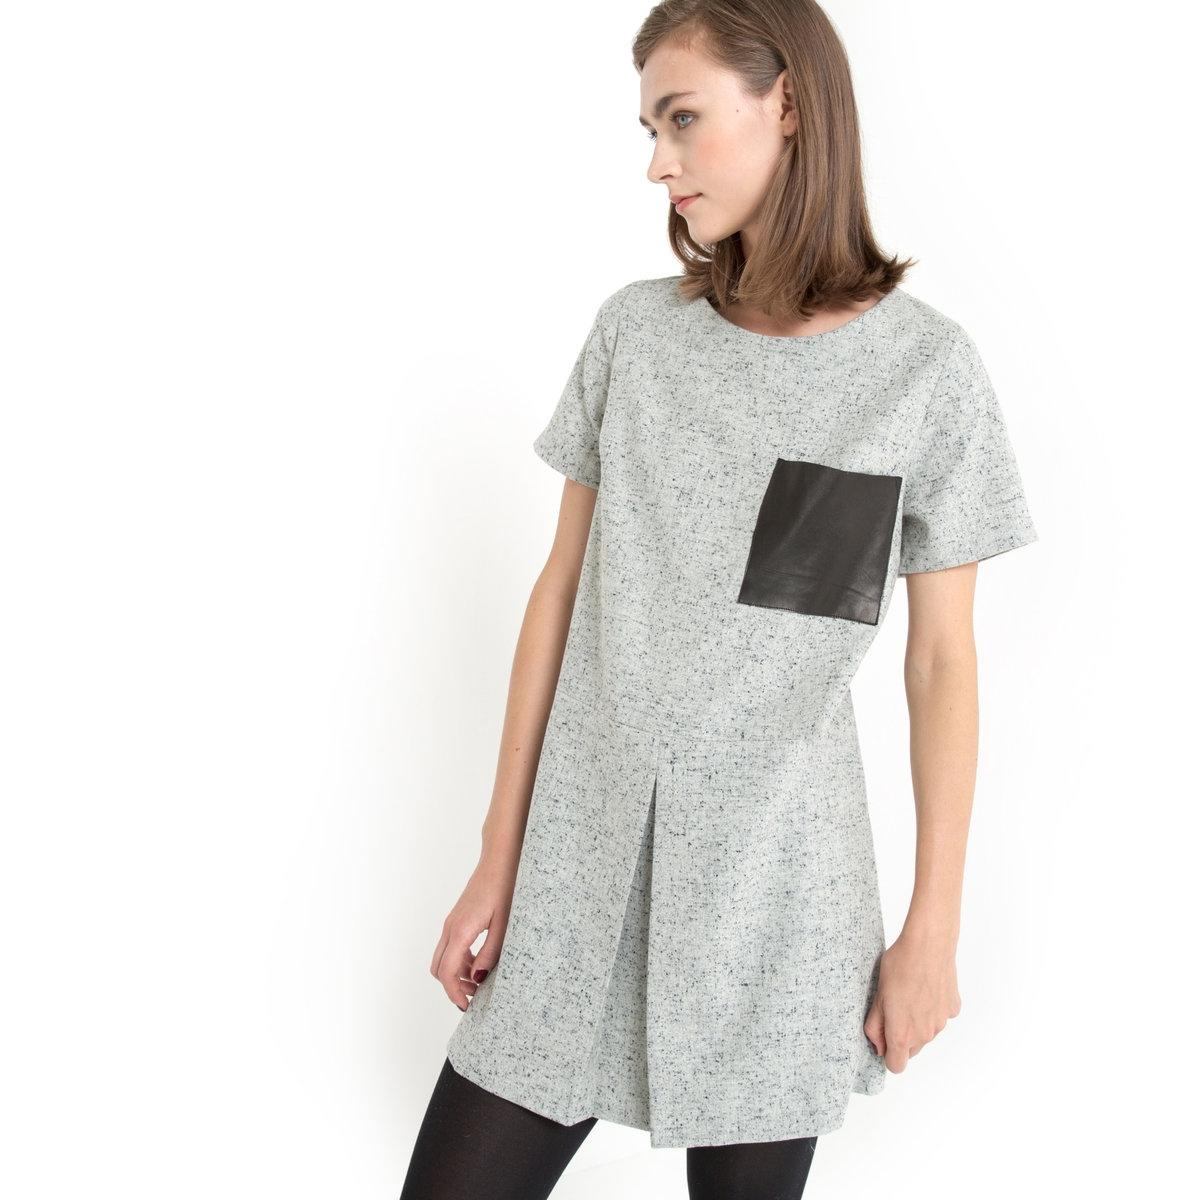 Платье прямого покроя из шерстяной ткани с крапчатым рисунком KINNПлатье KINN - GAT RIMON. Короткое платье из шерстяной ткани с крапчатым рисунком. Прямой и короткий покрой, короткие рукава, круглый вырез. Вырез со встречной складкой на уровне талии спереди. 1 большой накладной нагрудный карман из искусственной кожи. Платье 41% полиэстера, 21% шерсти, 21% акрилового волокна, 9% вискозы, 7% шелка, 1% эластана.<br><br>Цвет: серый меланж